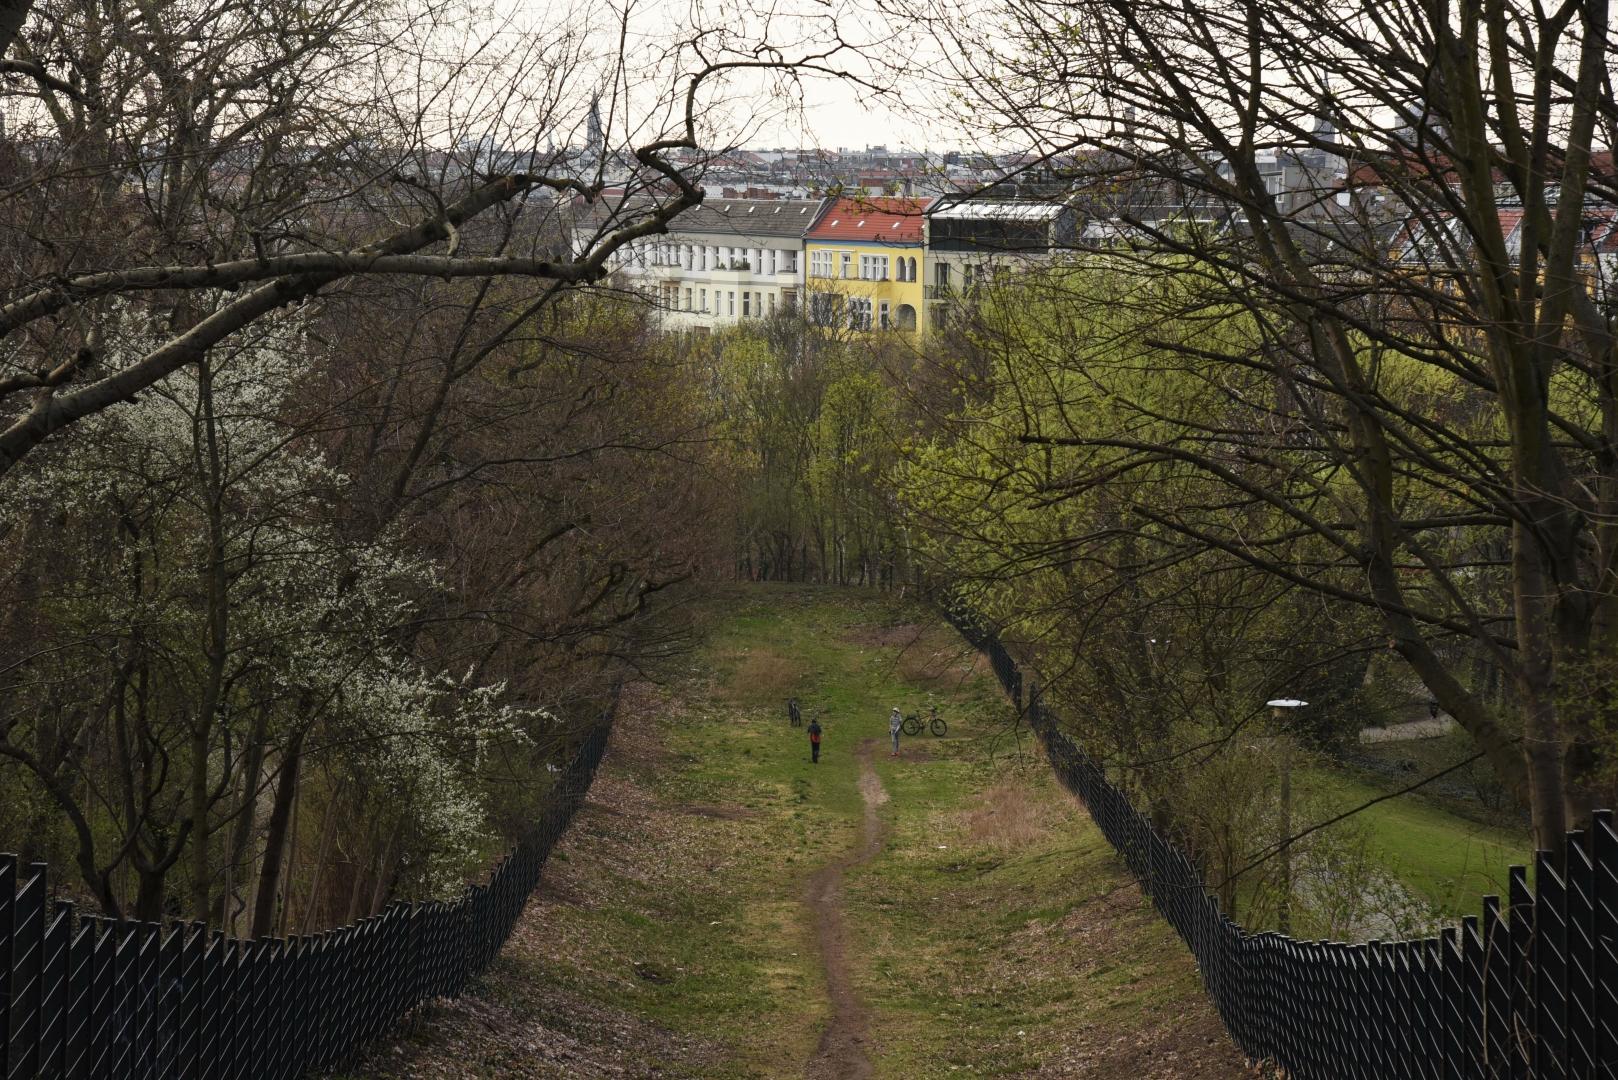 Вид сверху. Народный парк Фридрихсхайн ( Volkspark Friedrichshain) — первый городской парк в Берлине. Со времён ГДР и до наших дней в парке Фридрихсхайн сохранилось несколько десятков объектов, напоминающих об ушедшей эпохе